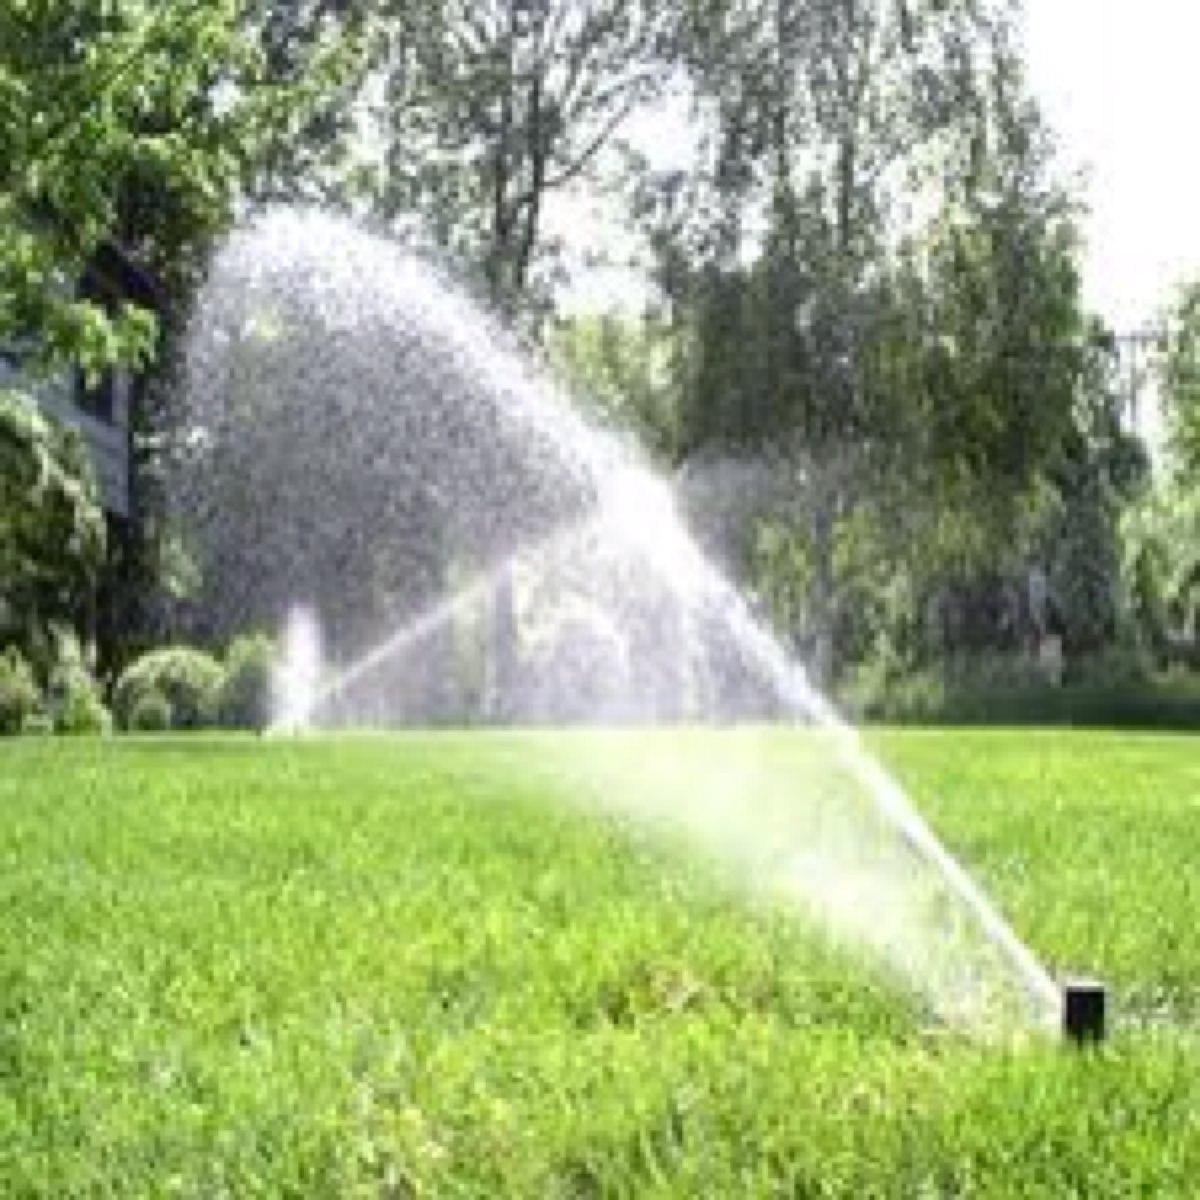 Sistema de riego de aspersion residencial cotizacion for Sistema de riego